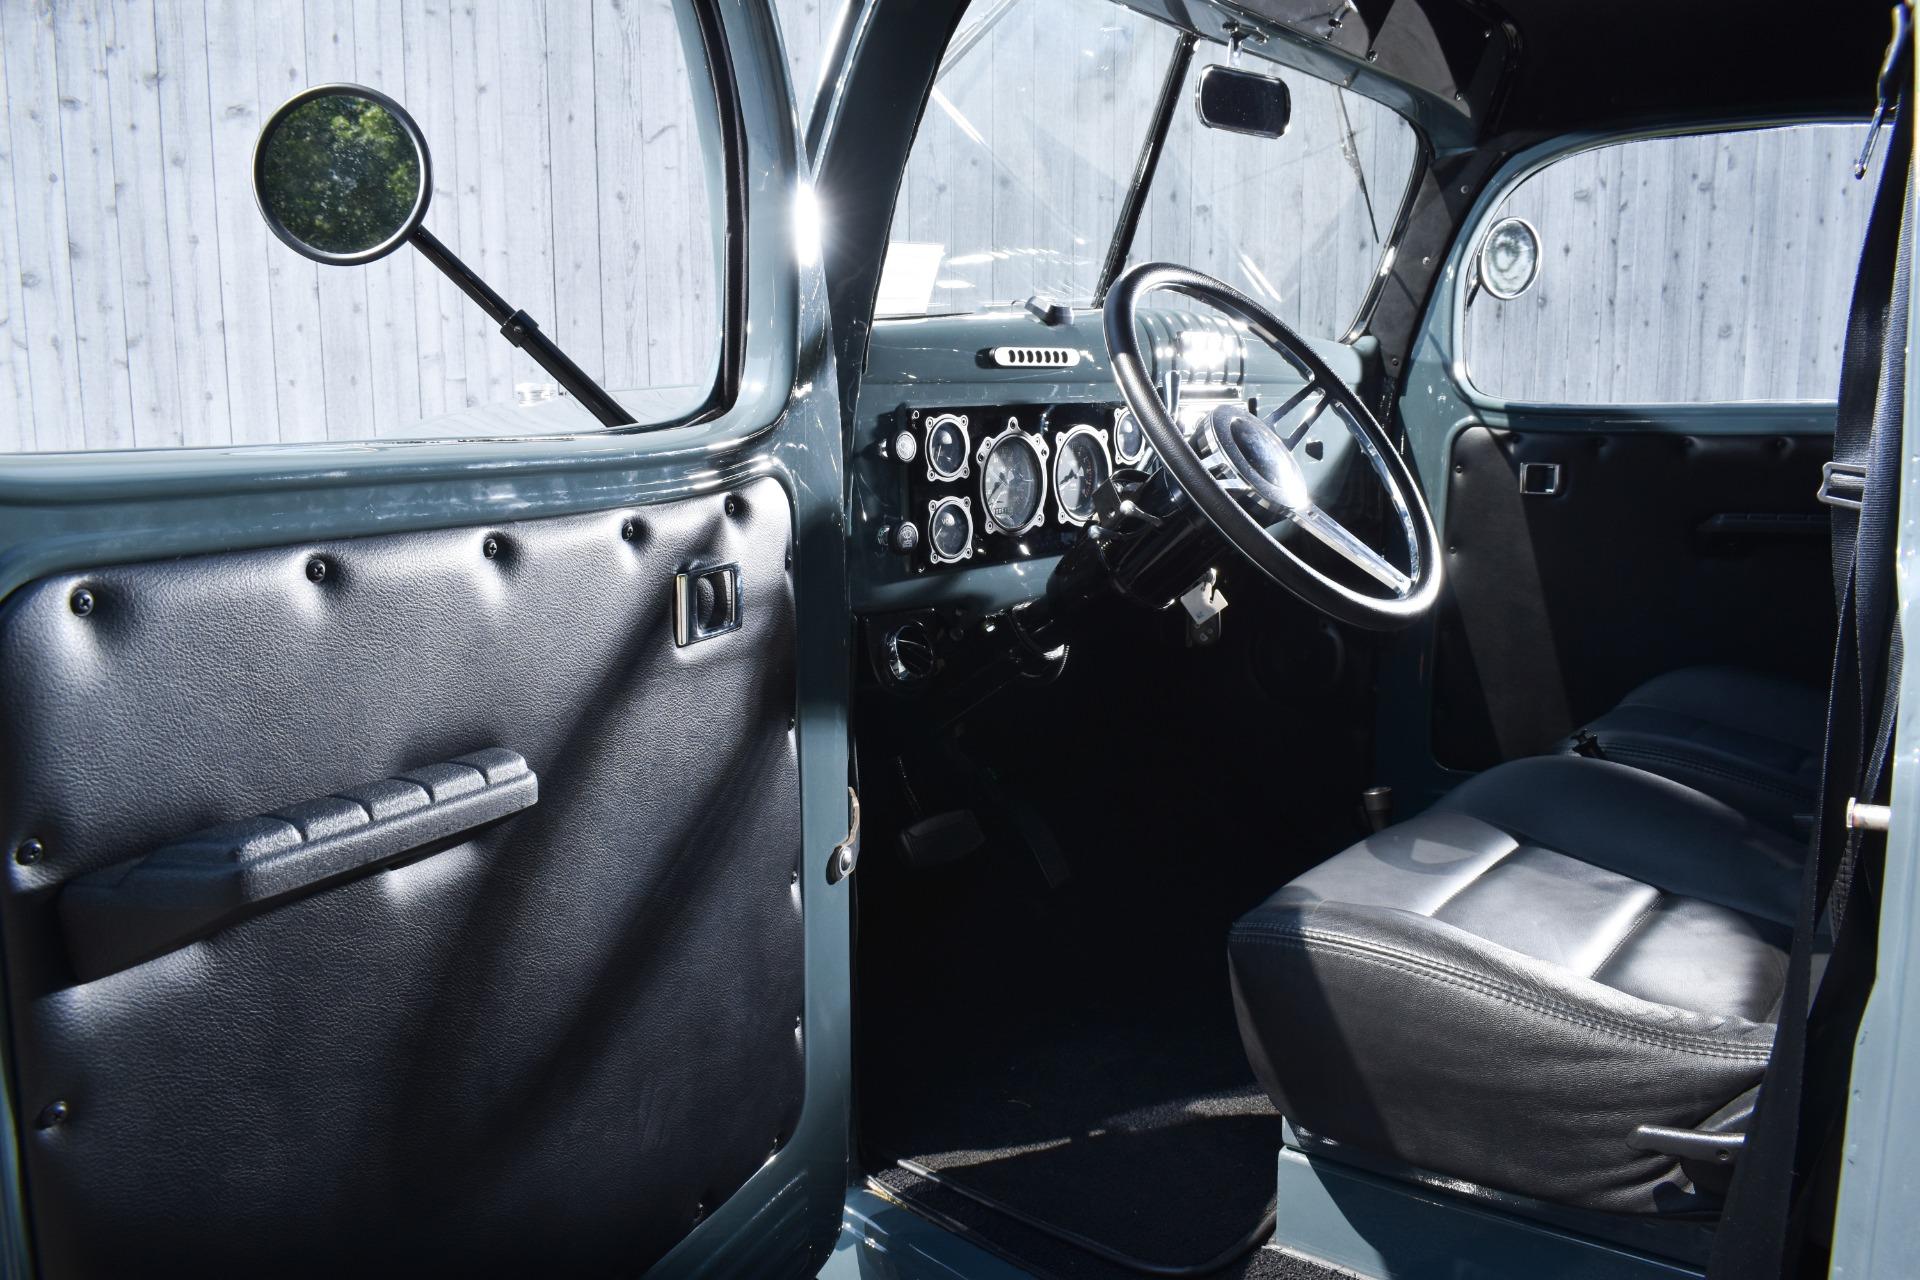 Used 1945 Dodge Power Wagon  | Valley Stream, NY